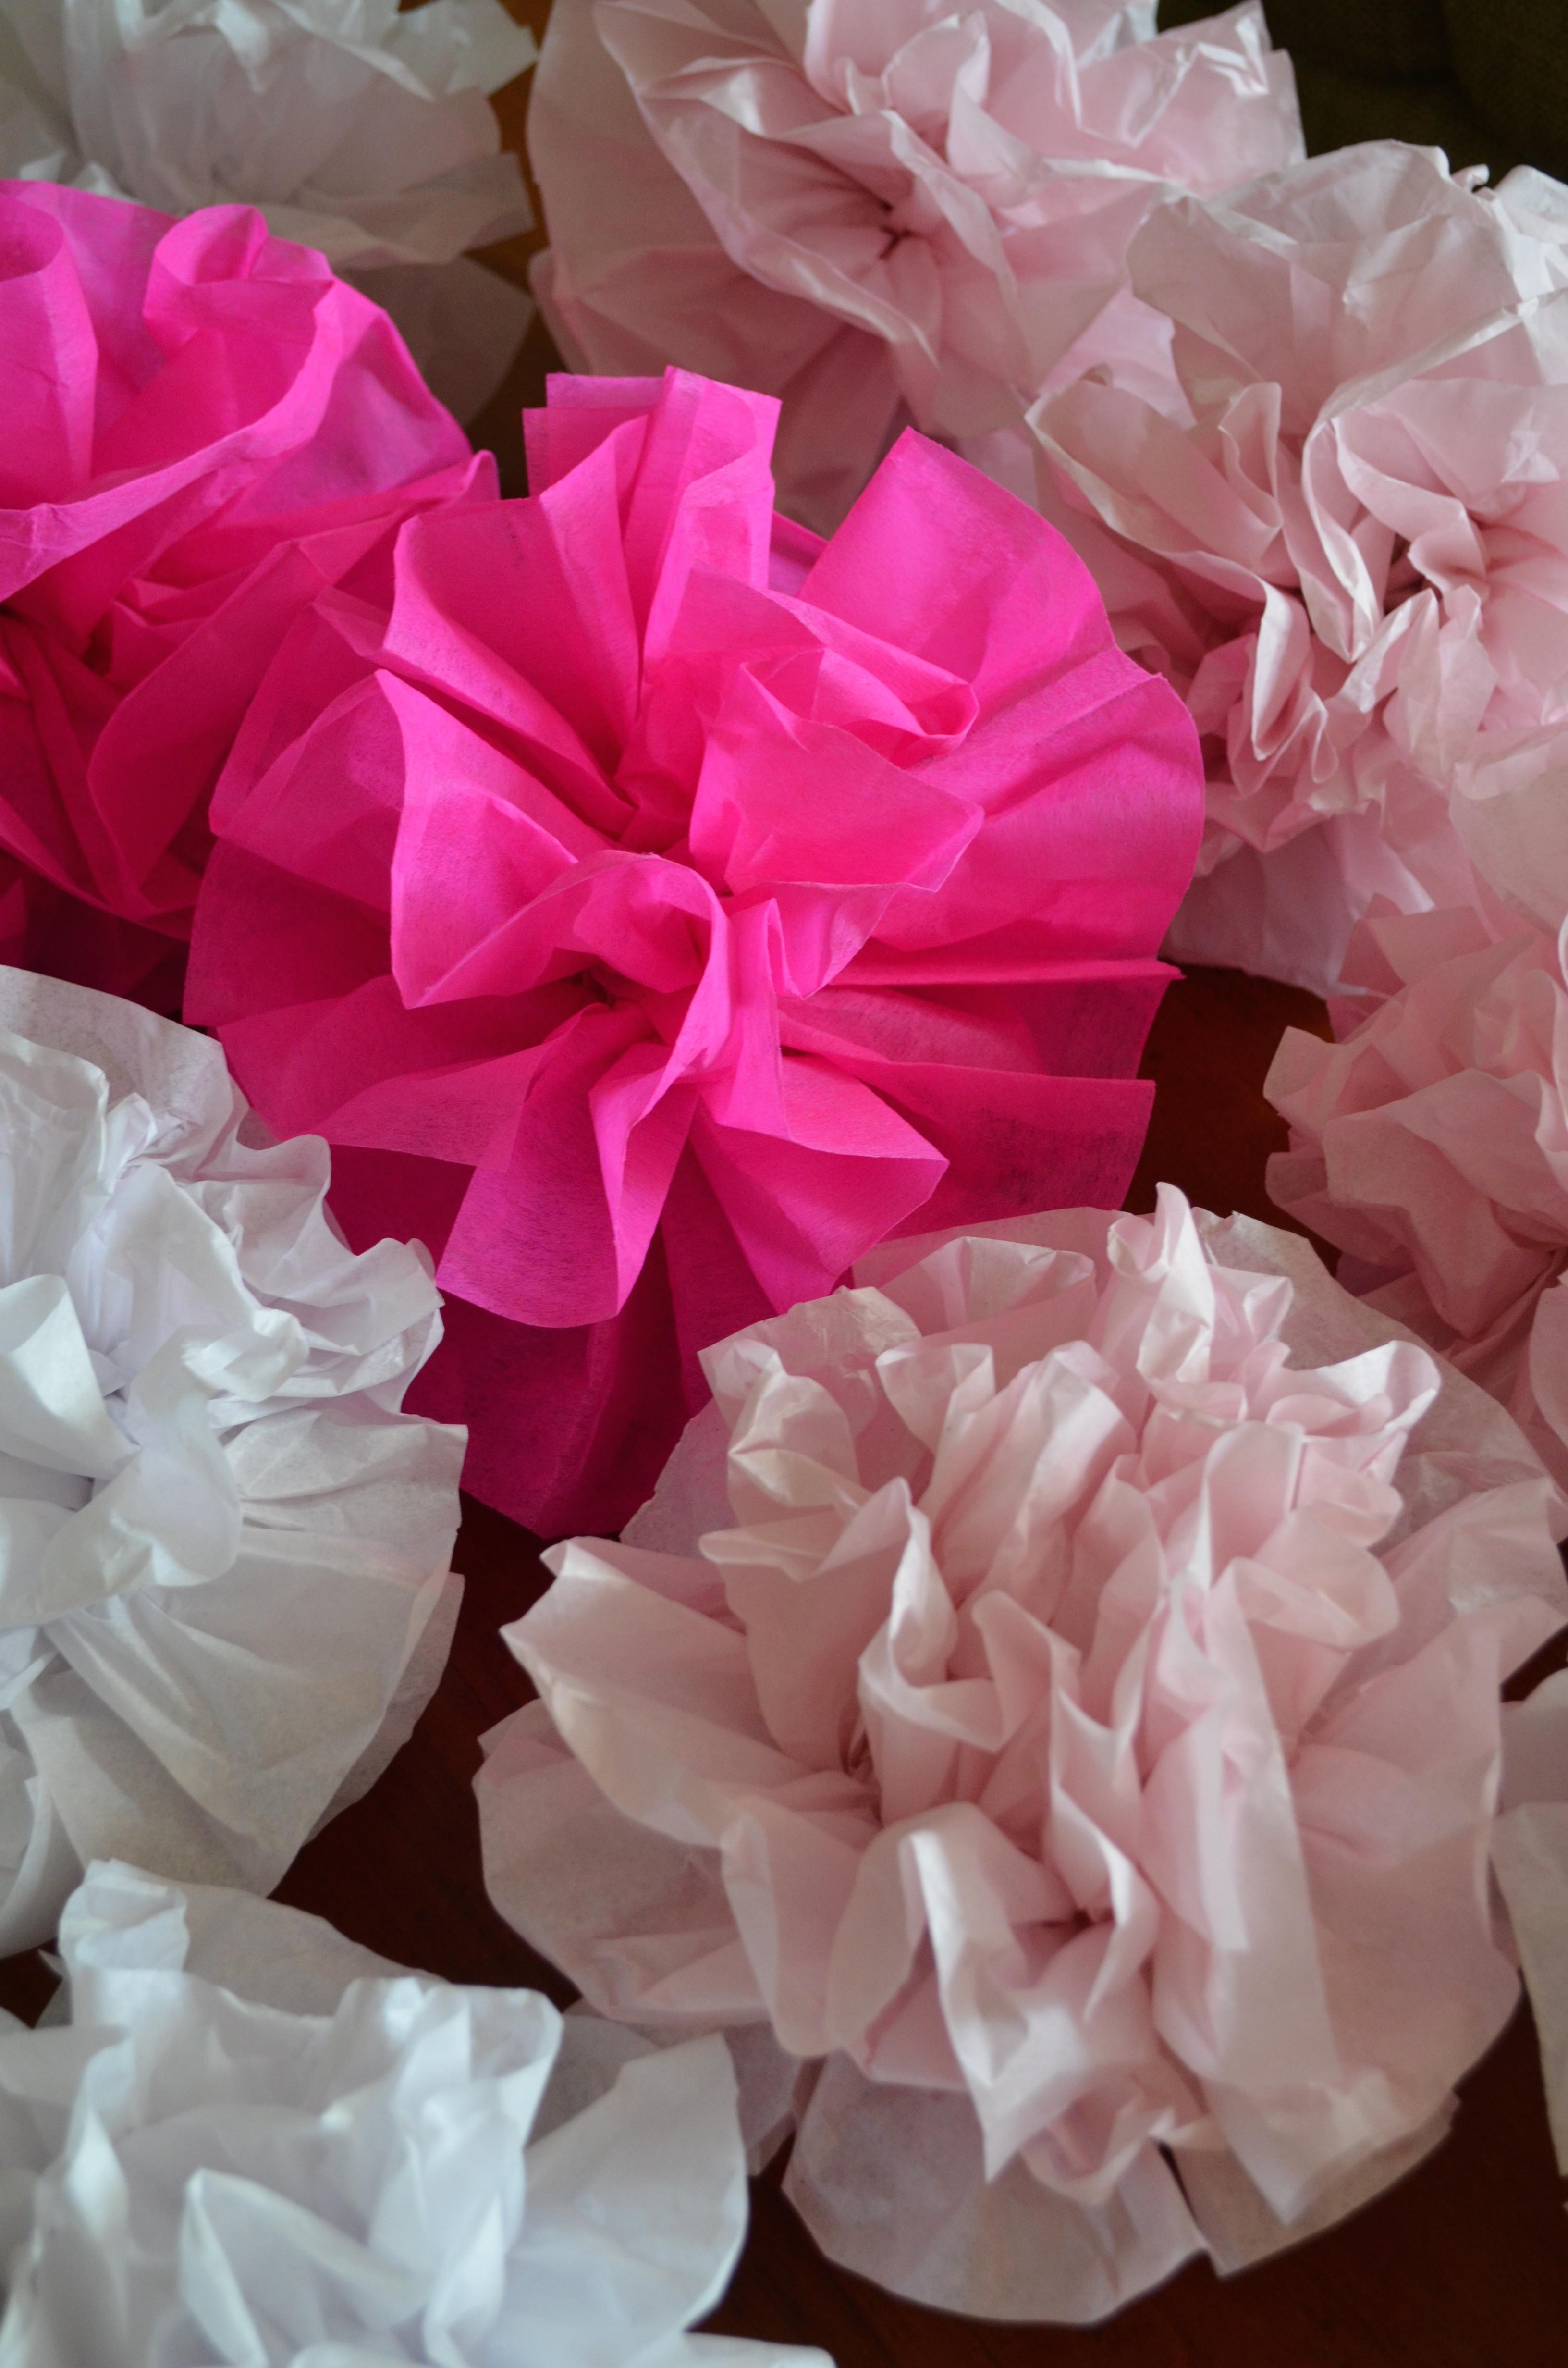 Diy Pom Poms  DIY Tissue Paper Pom Poms